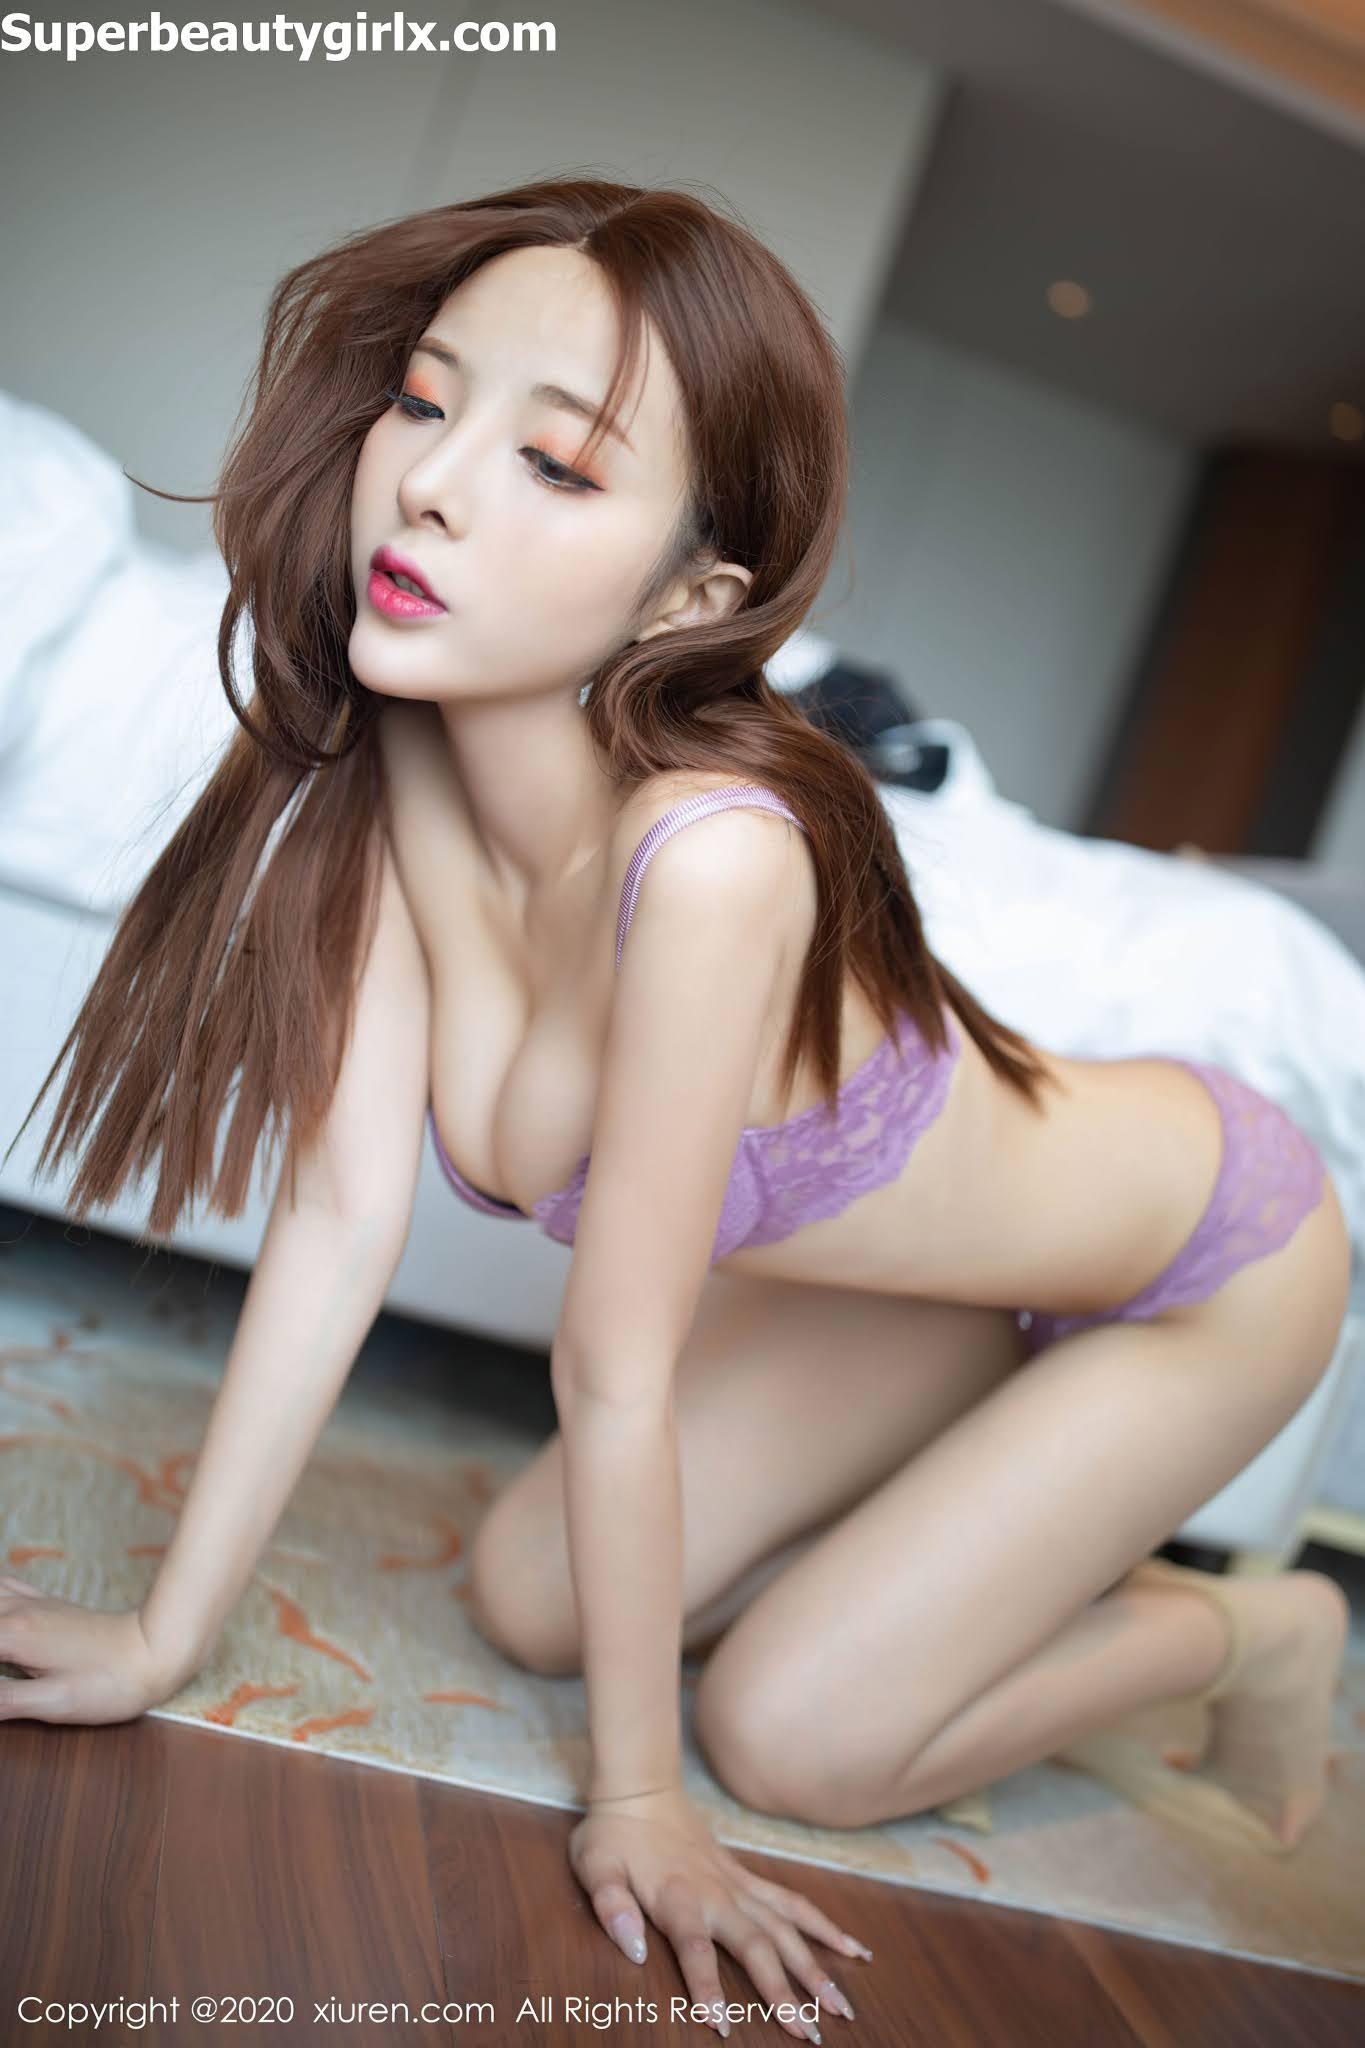 XIUREN-No.2678-Chen-Xiao-Miao-Superbeautygirlx.com